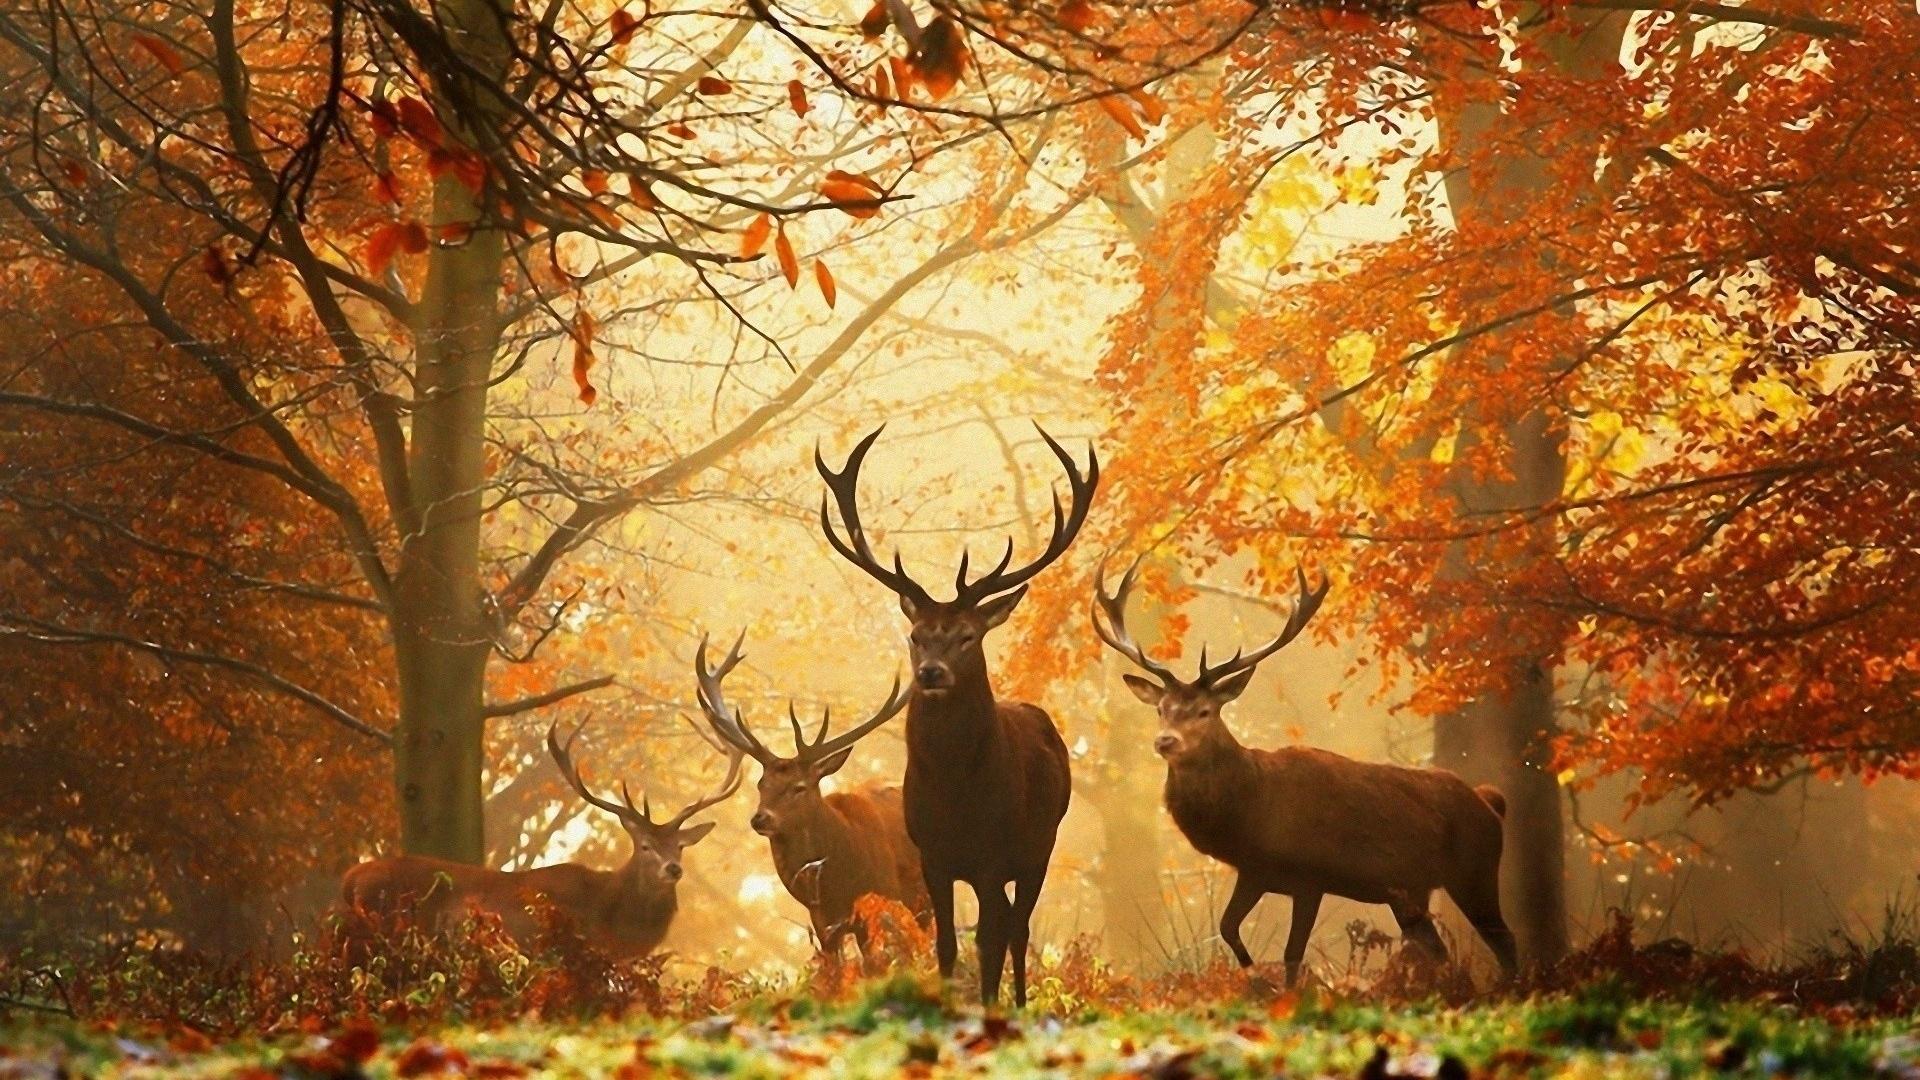 Image for Wild Deer Animal Desktop Wallpaper 1920x1080